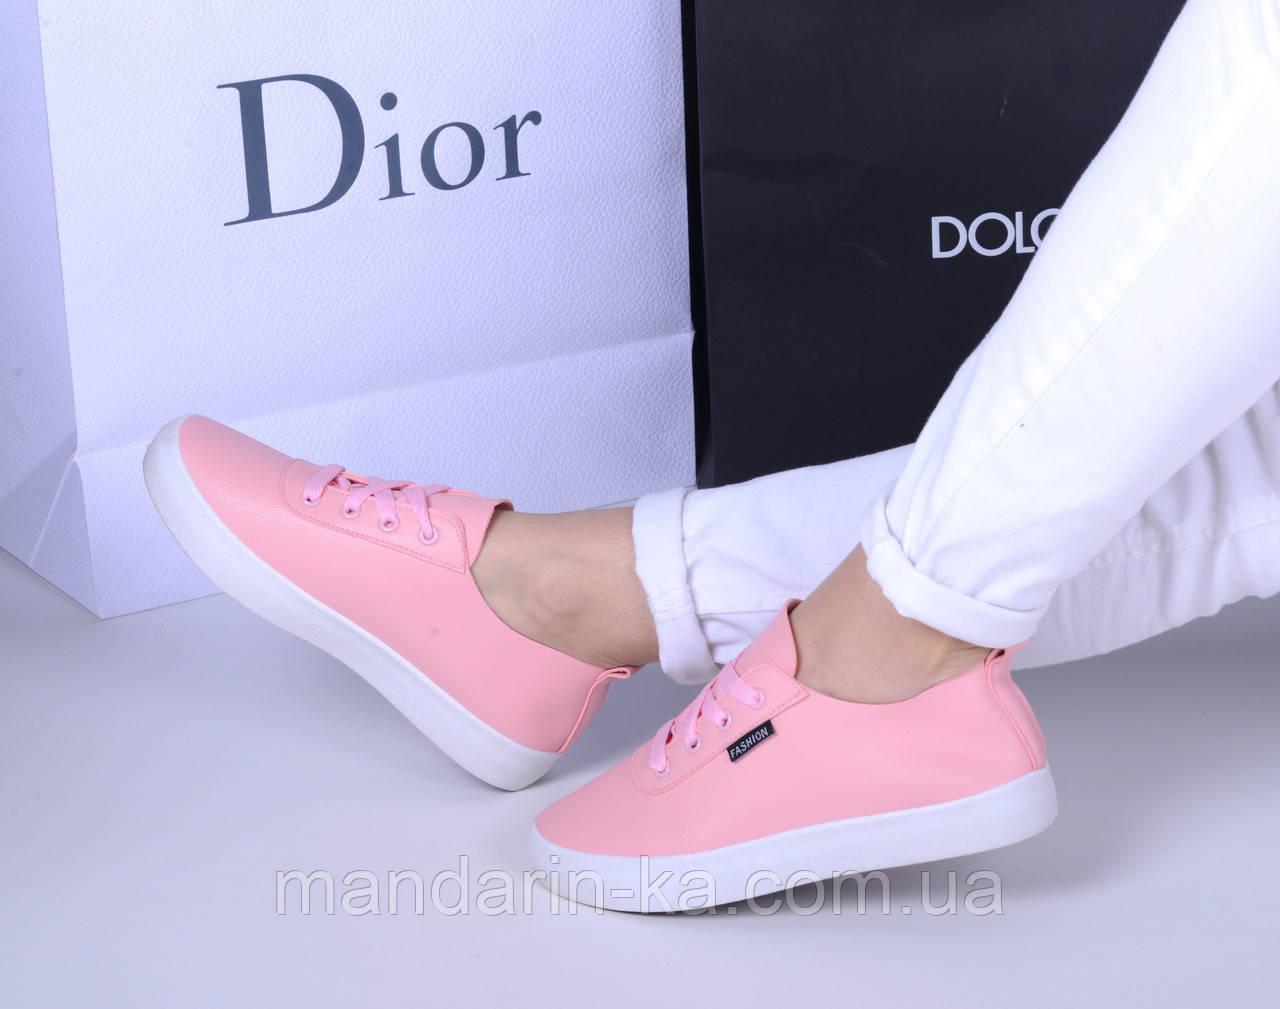 Женские кеды Fashion розовые с белой подошвой